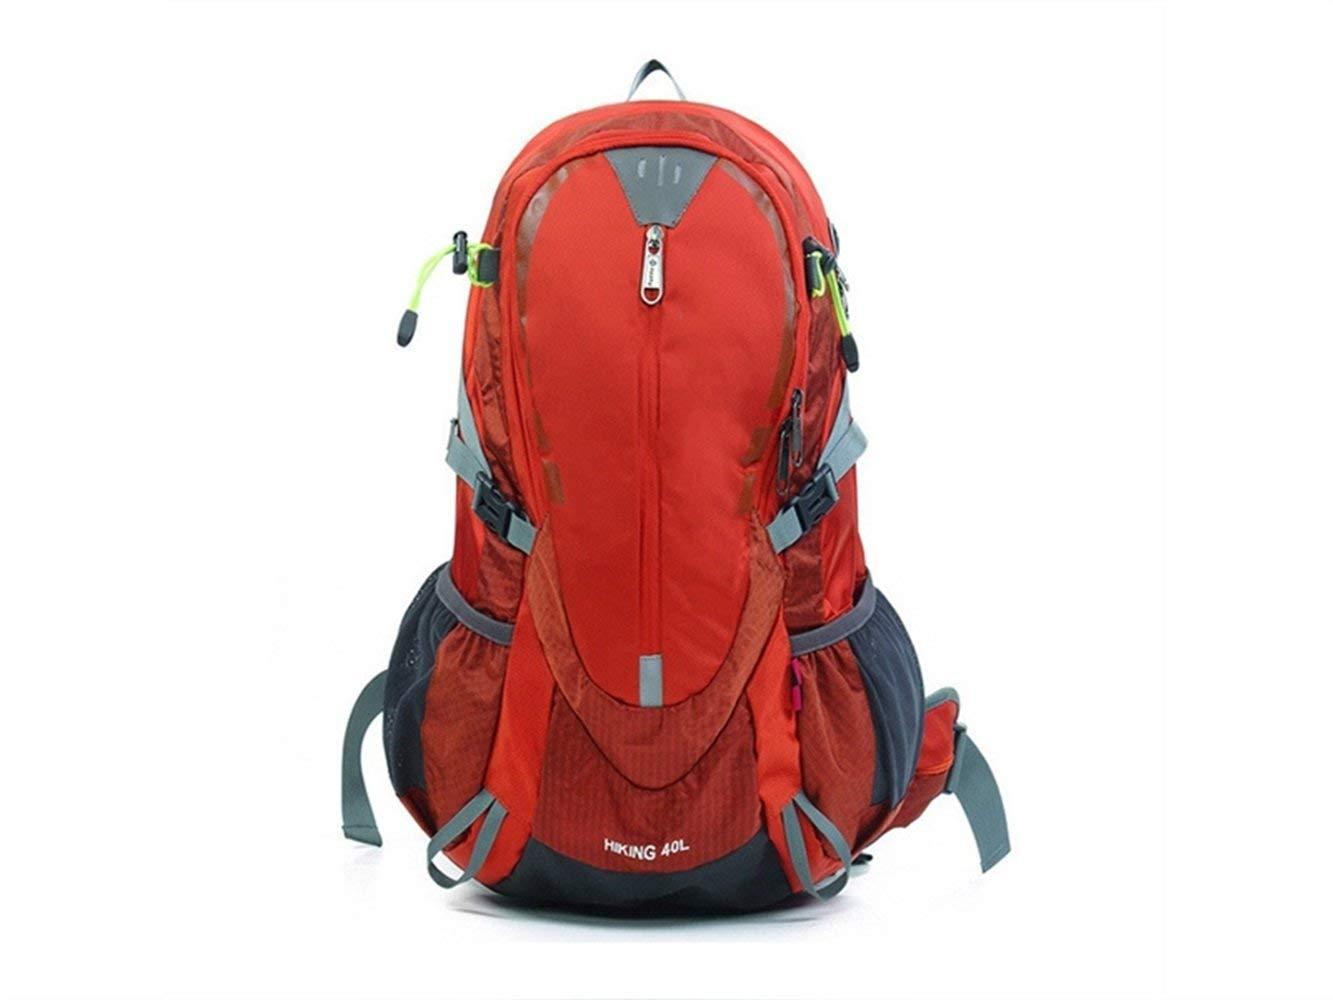 Kinue メンズ クールバックパック アウトドア インドア スポーツ アウトドア ナイロン 破れにくい 防水 登山バッグ ハイキング キャンプ バックパック (レッド) B07L97ZSBR